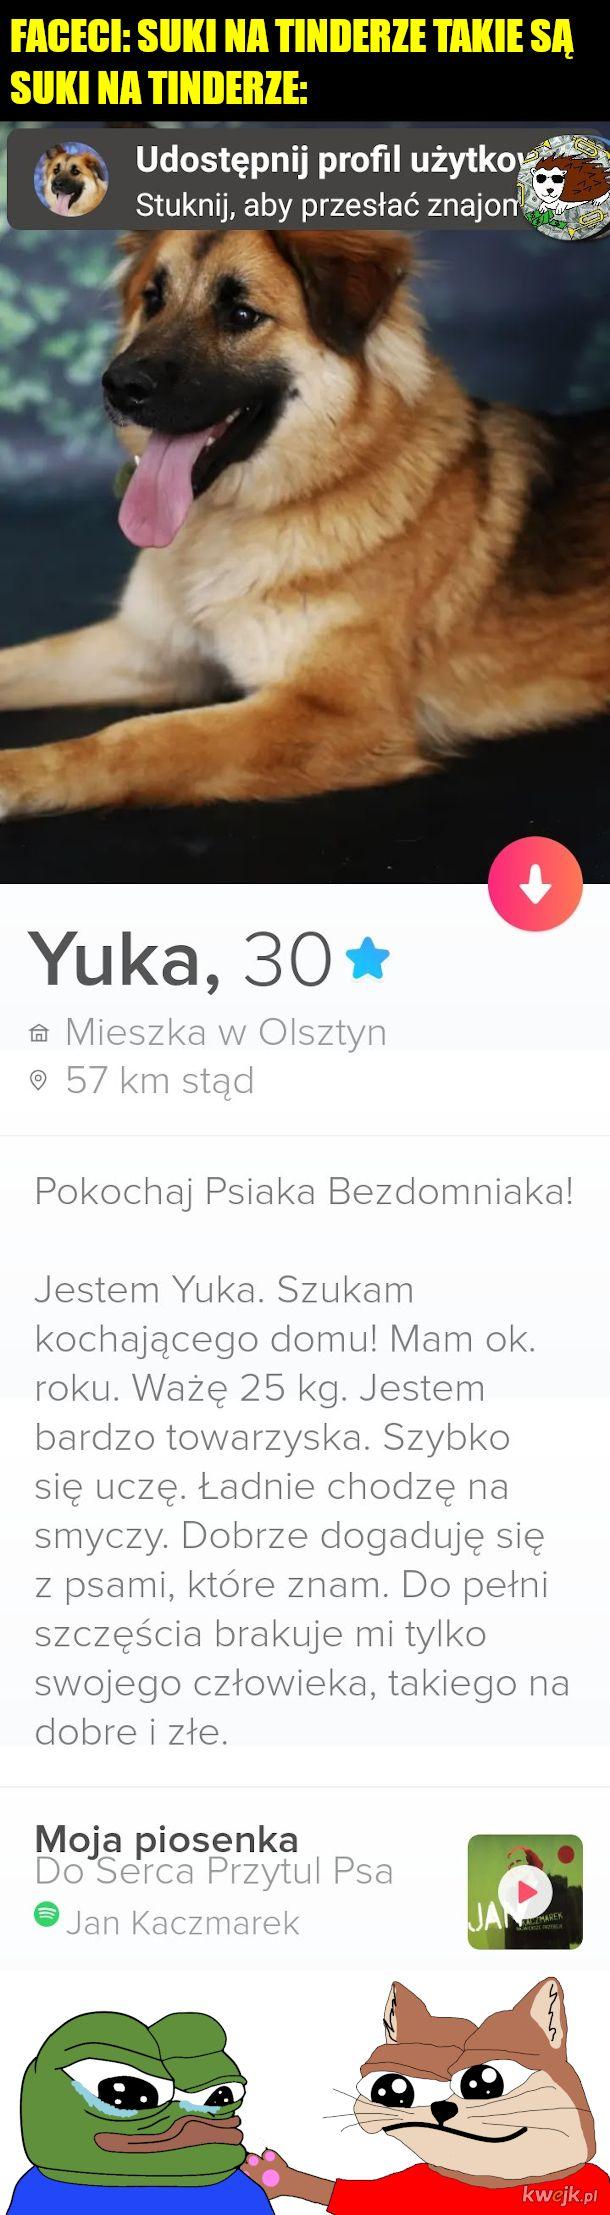 Może ktoś w okolicach Olsztyna ma warunki?